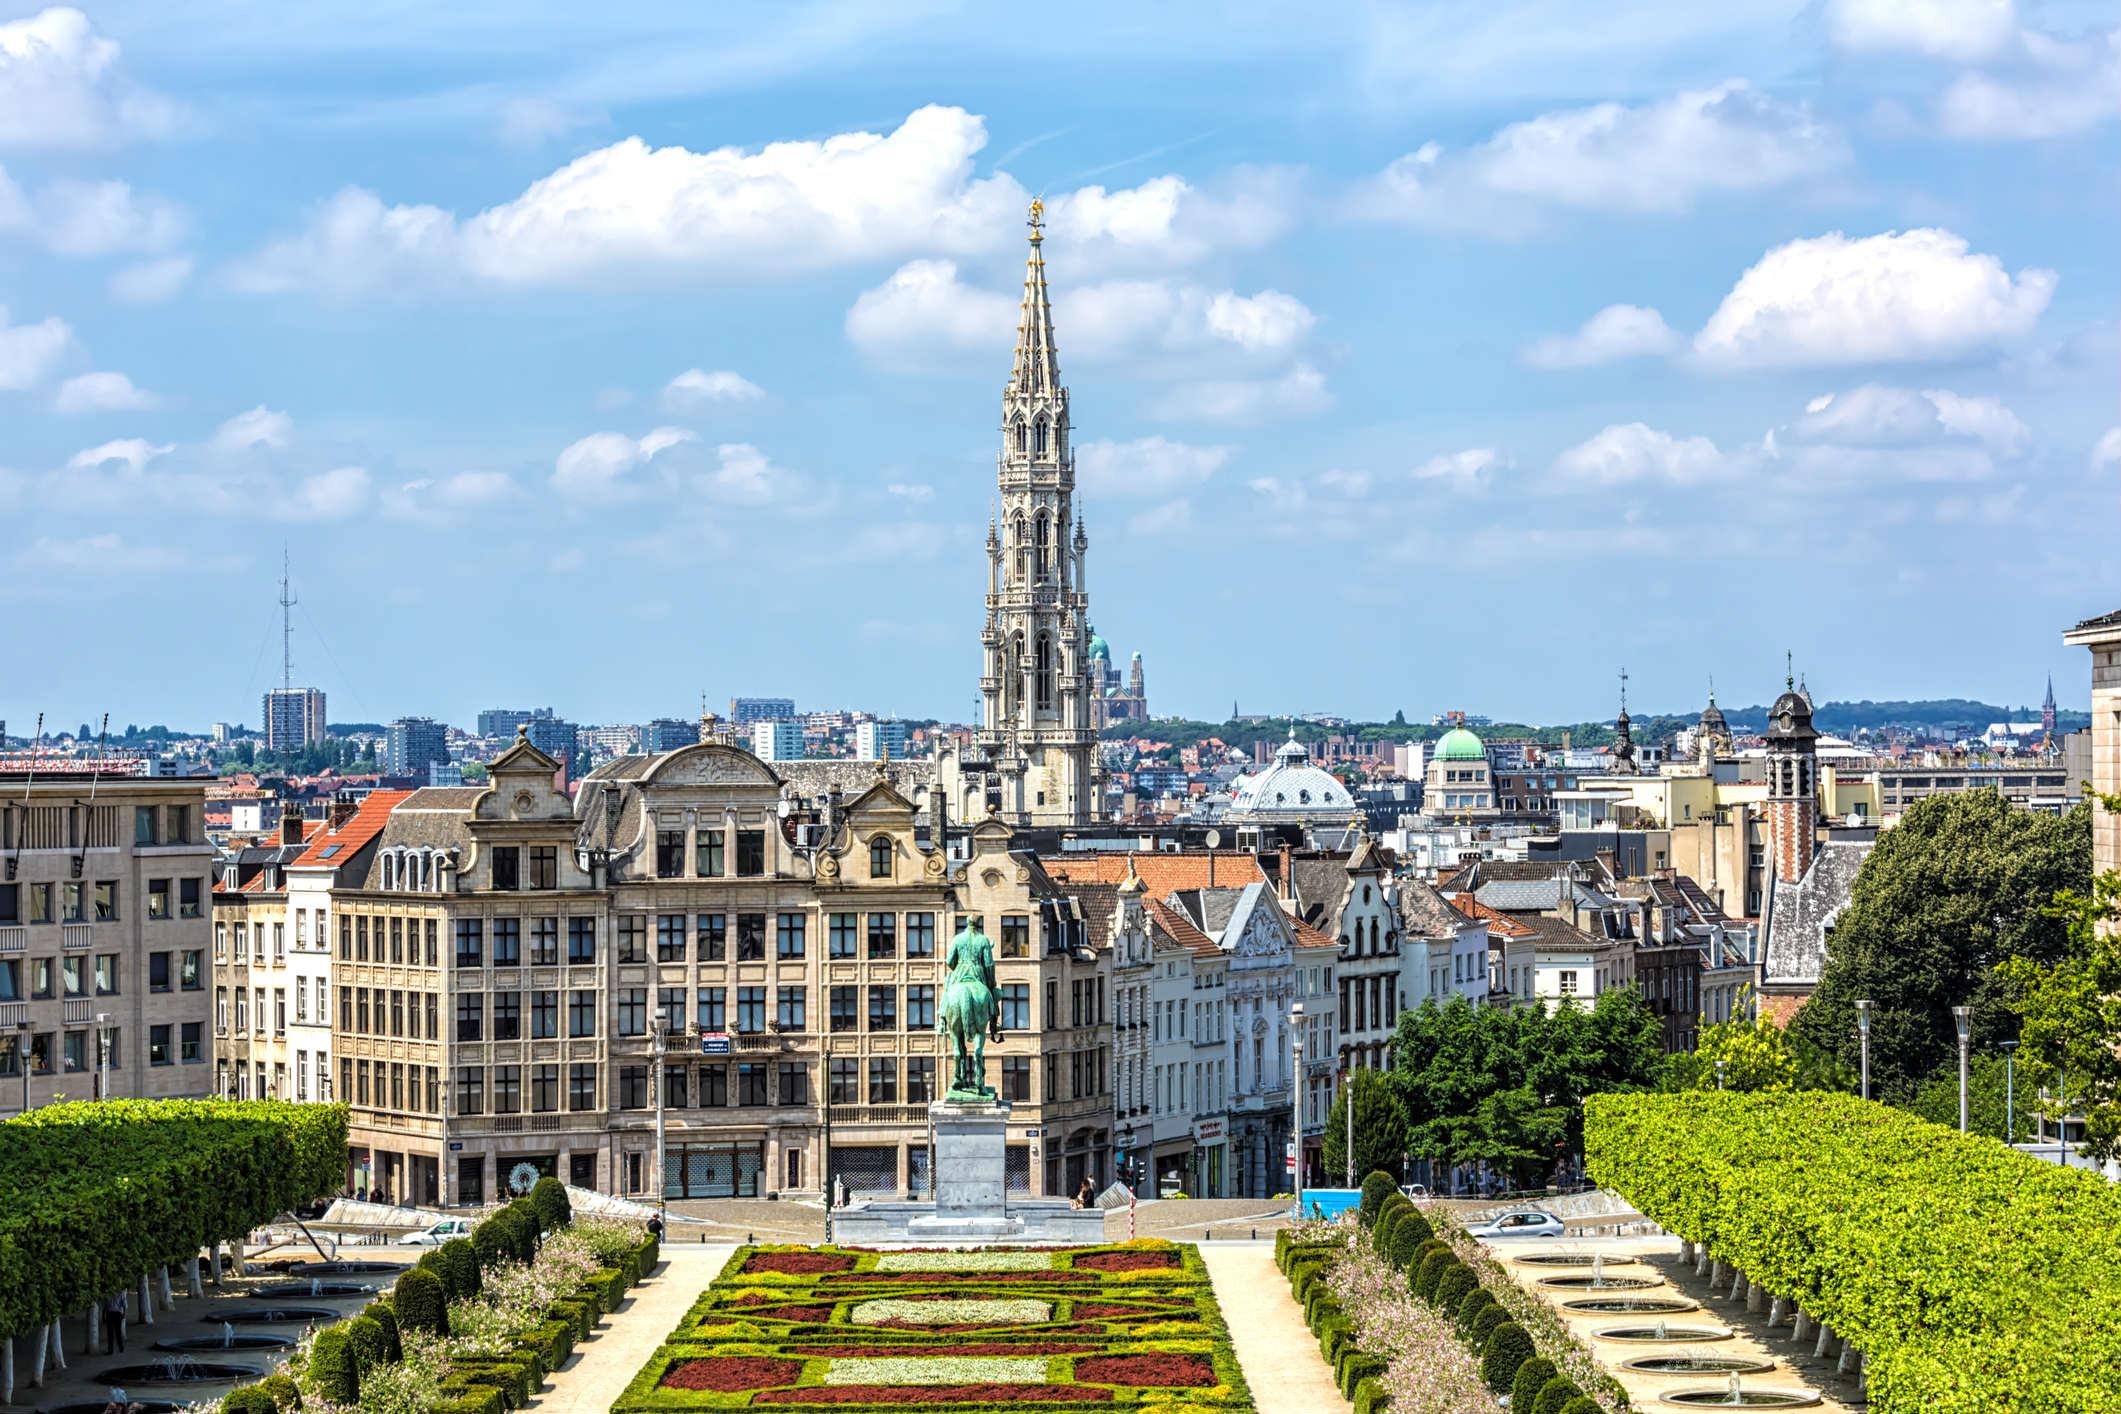 Une vue paisible de Bruxelles